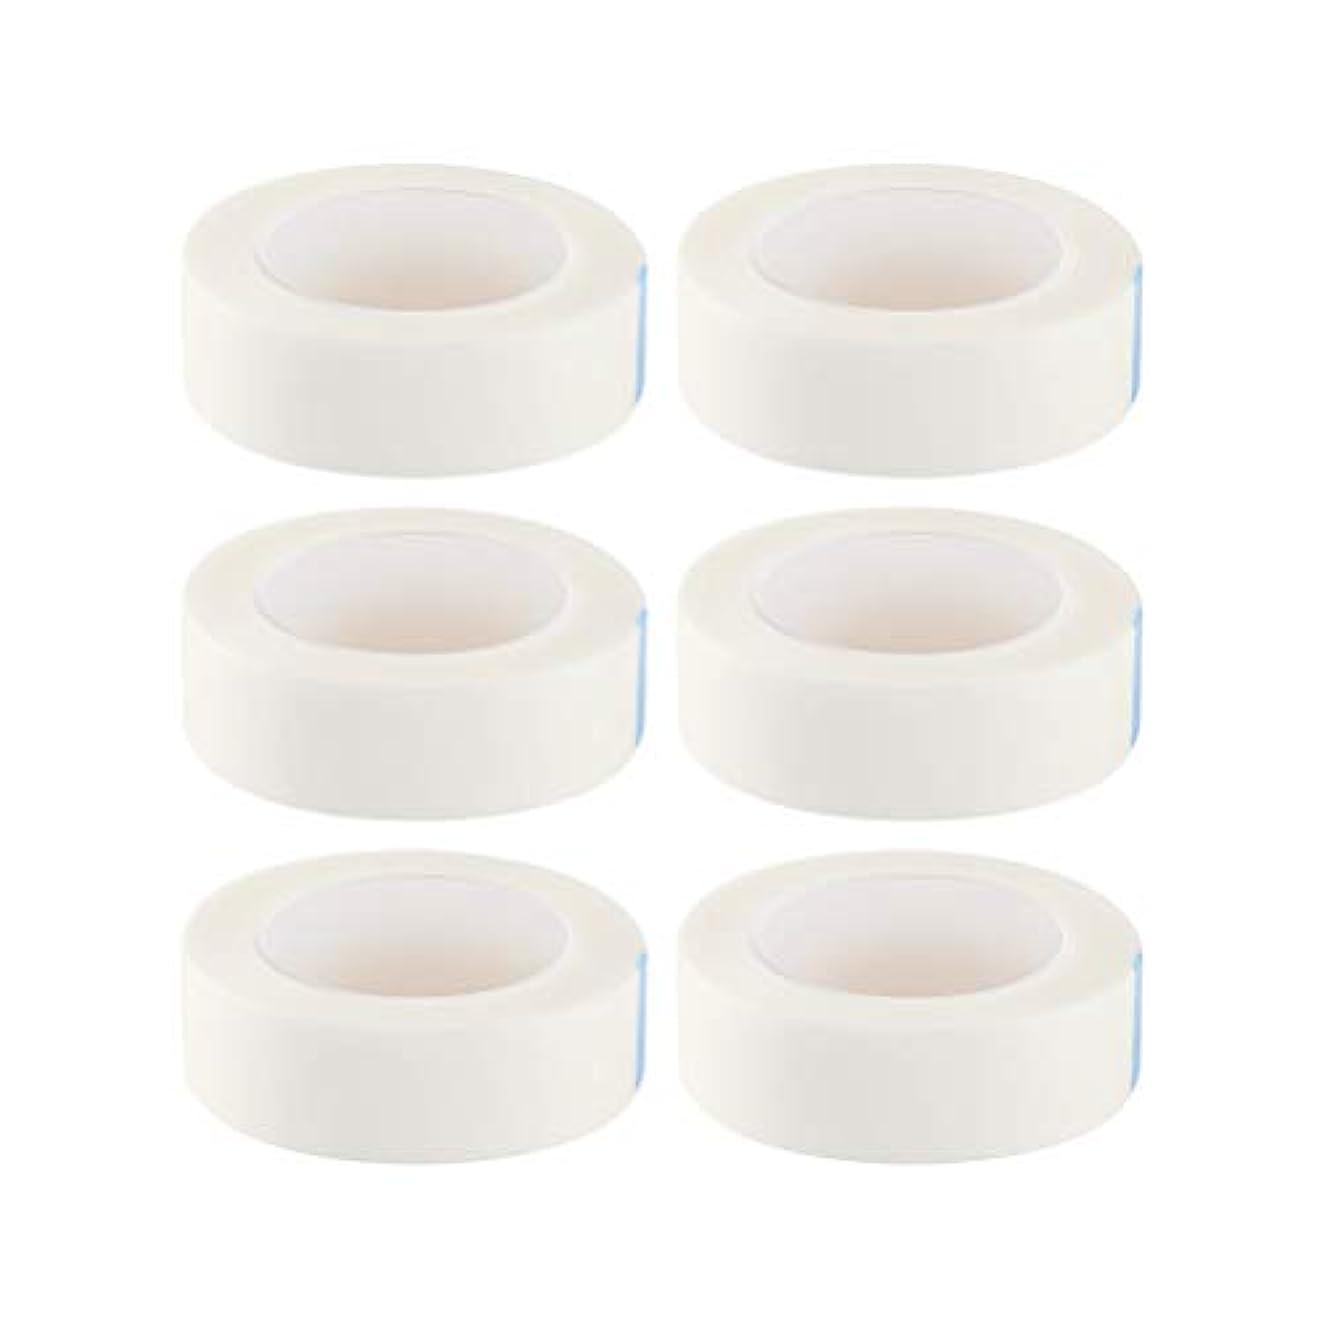 悪行無視するビバSUPVOX 12ロールまつげ絶縁テープまつげラッシュエクステンションテープ不織布医療用テープ医療用テープ(白)